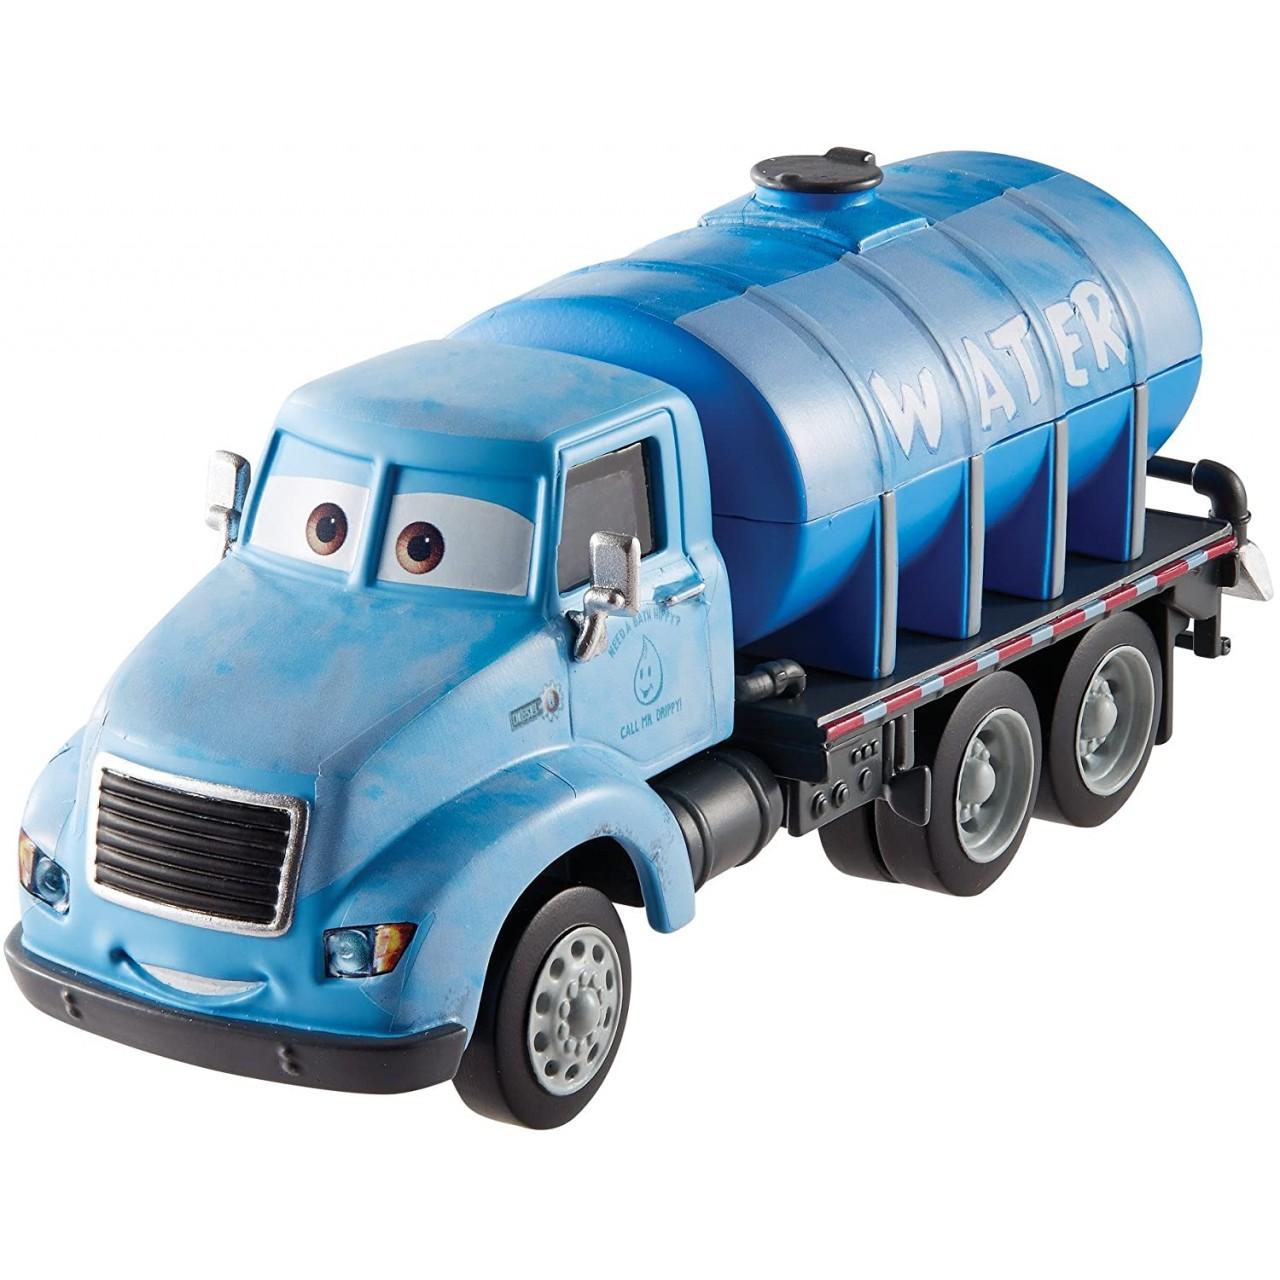 Disney/Pixar Тачки 3 Deluxe: Мистер Дрип DWB23 (Cars 3 Deluxe Mr. Drippy)